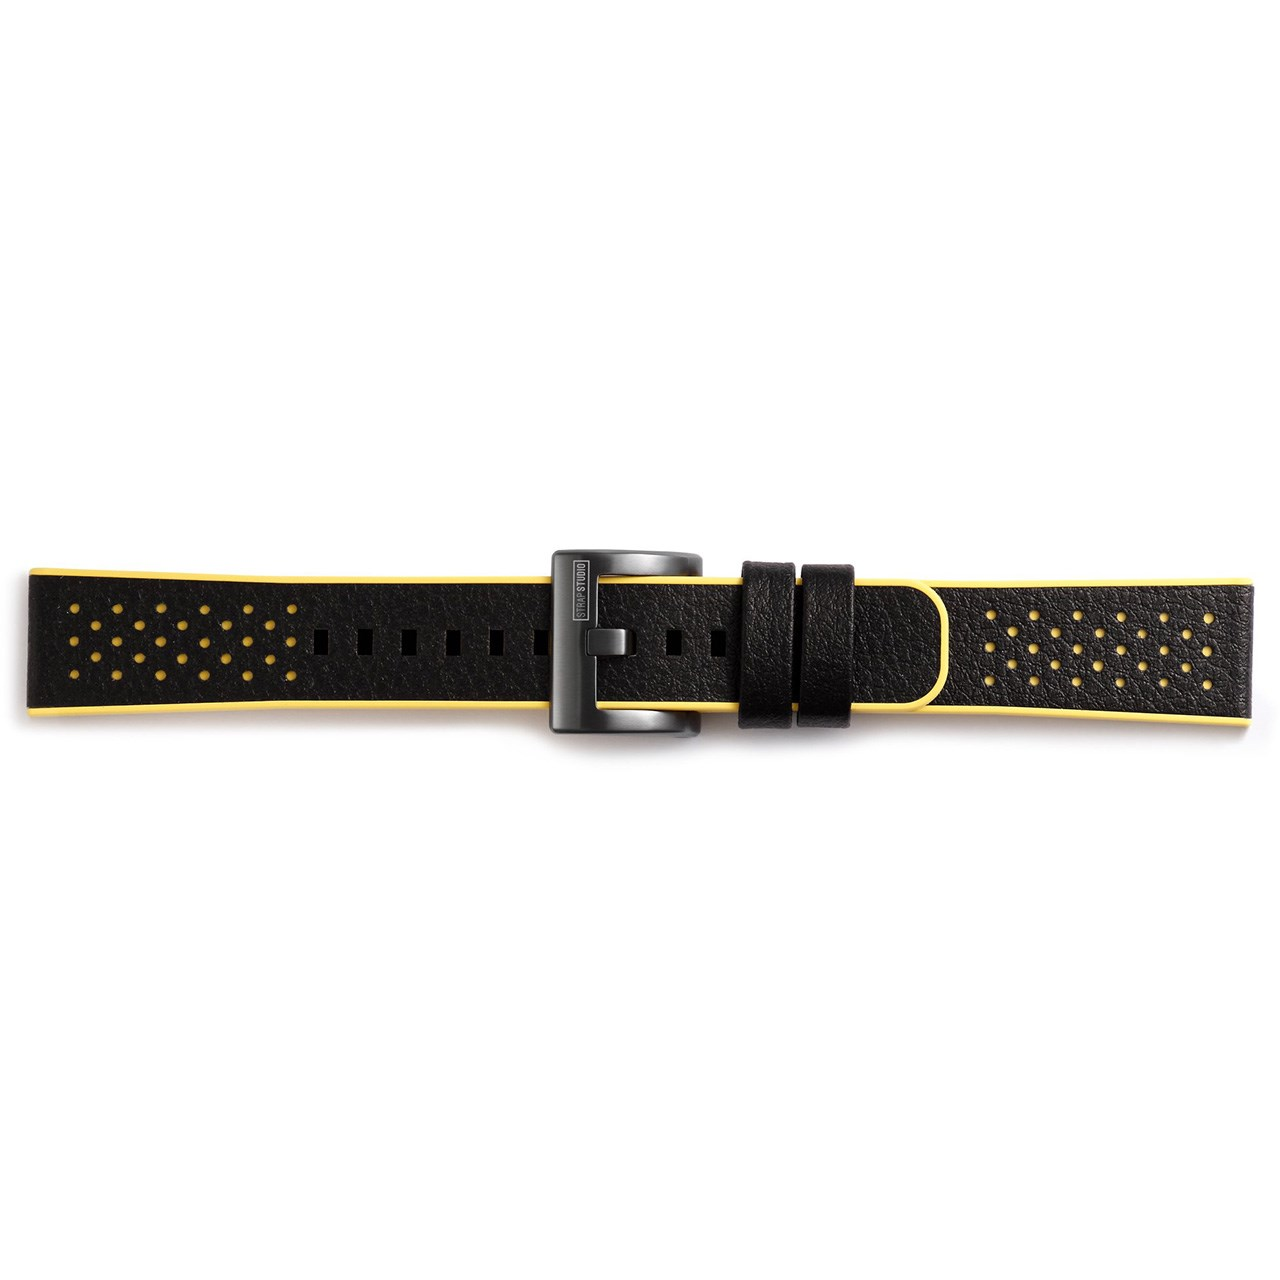 بند چرمی استرپ استودیو مدل SS-701-10 مناسب برای Gear Sport - متفرقه 6